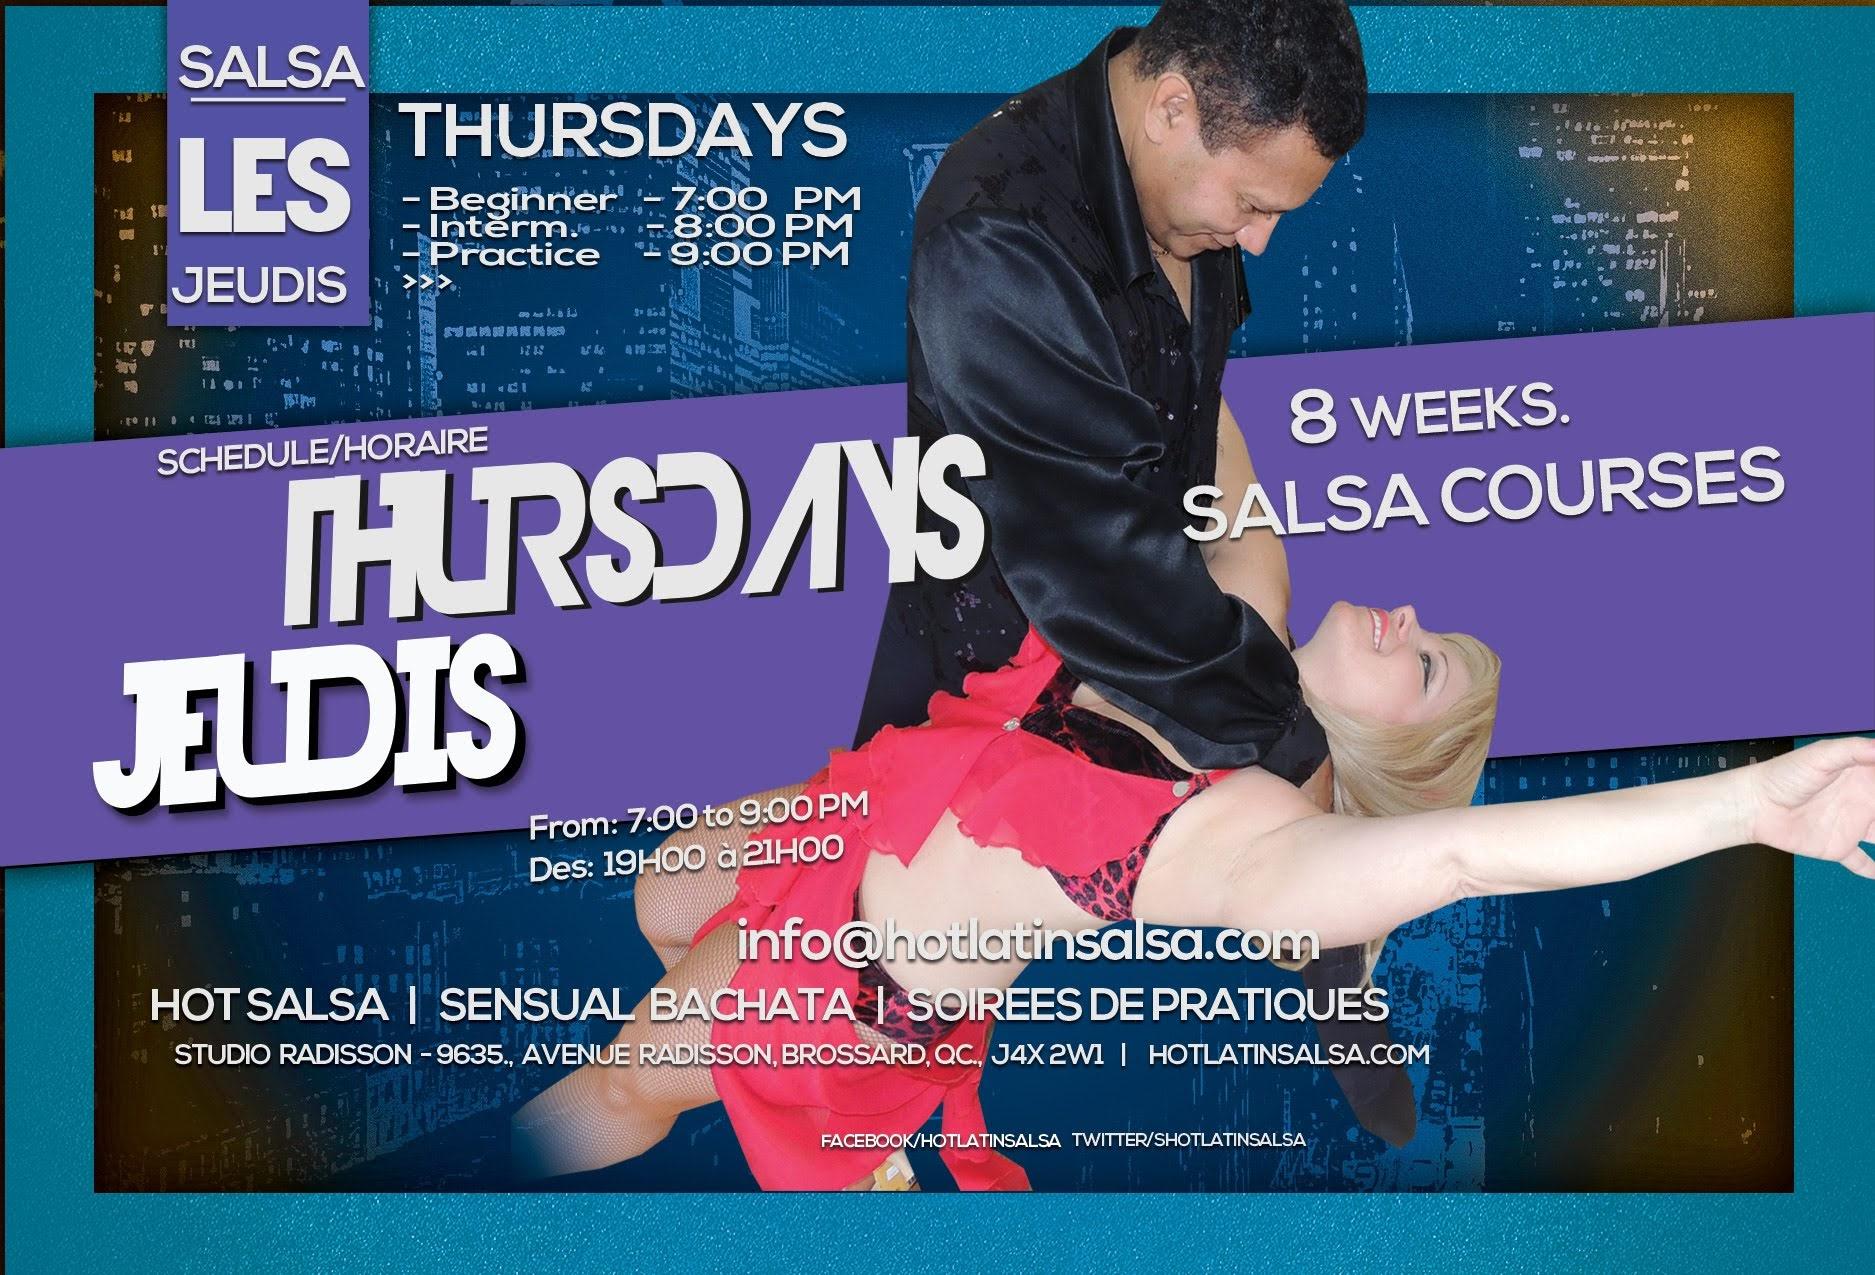 Salsa Brossard dance lesson schedule